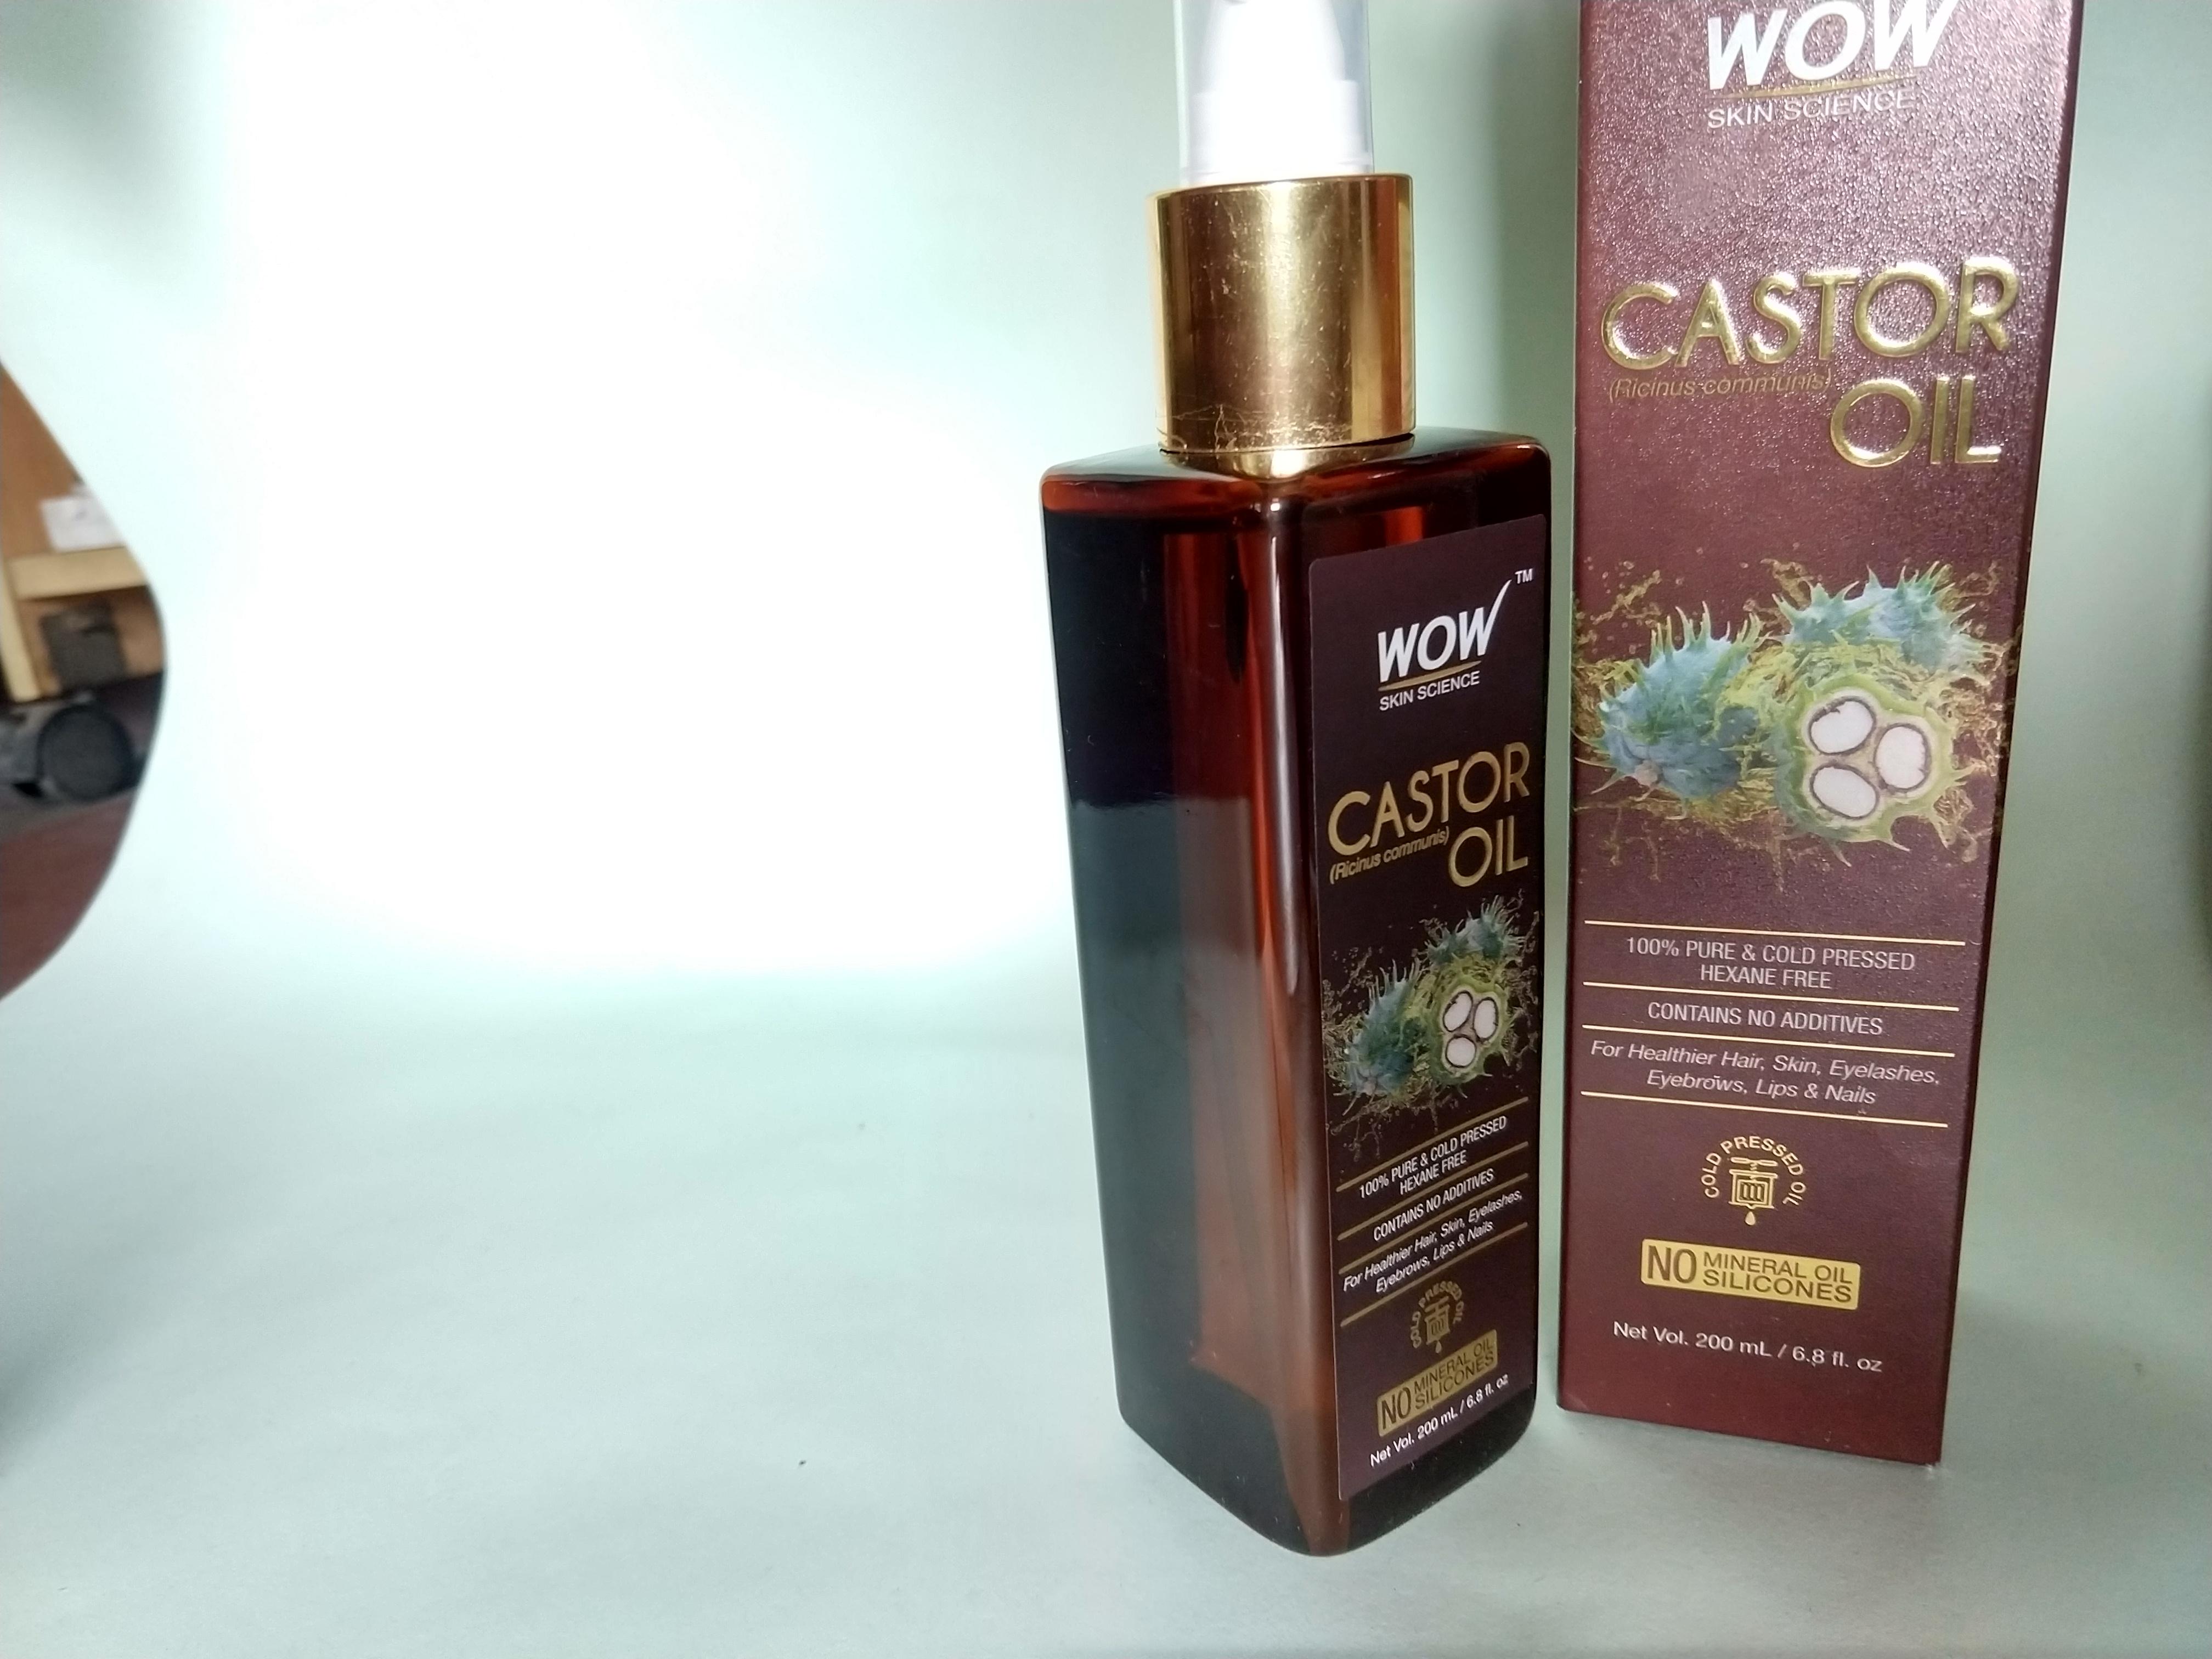 WOW Skin Science Castor Oil